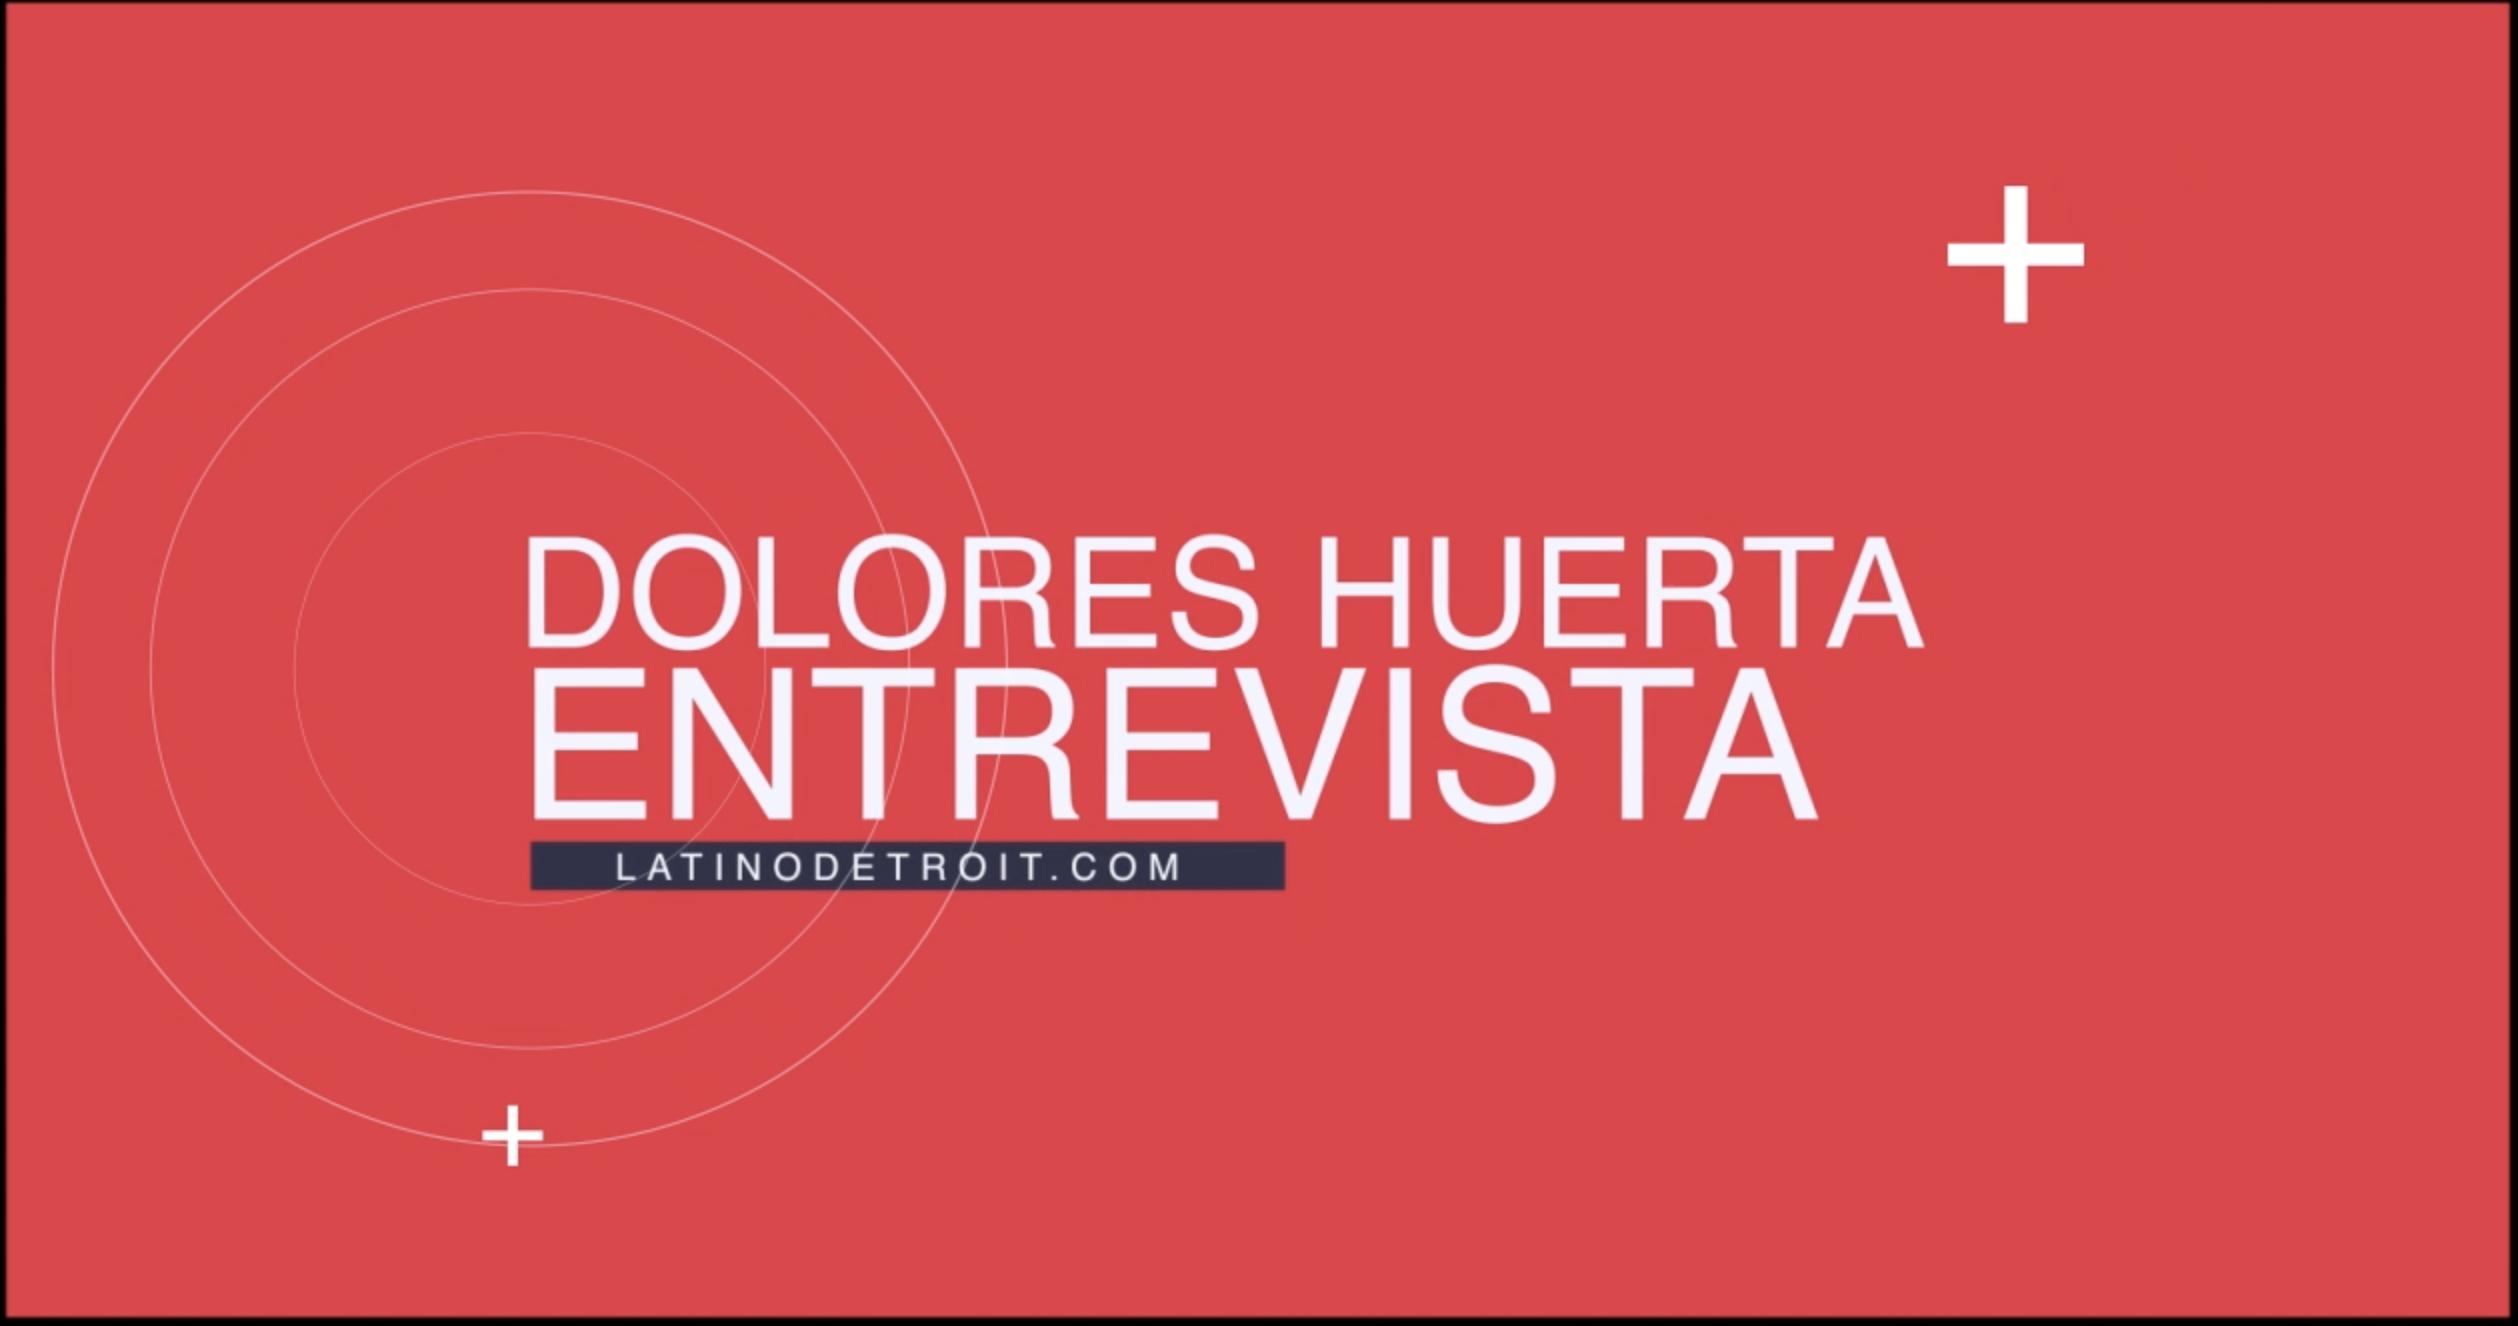 Dolores Huerta Entrevista